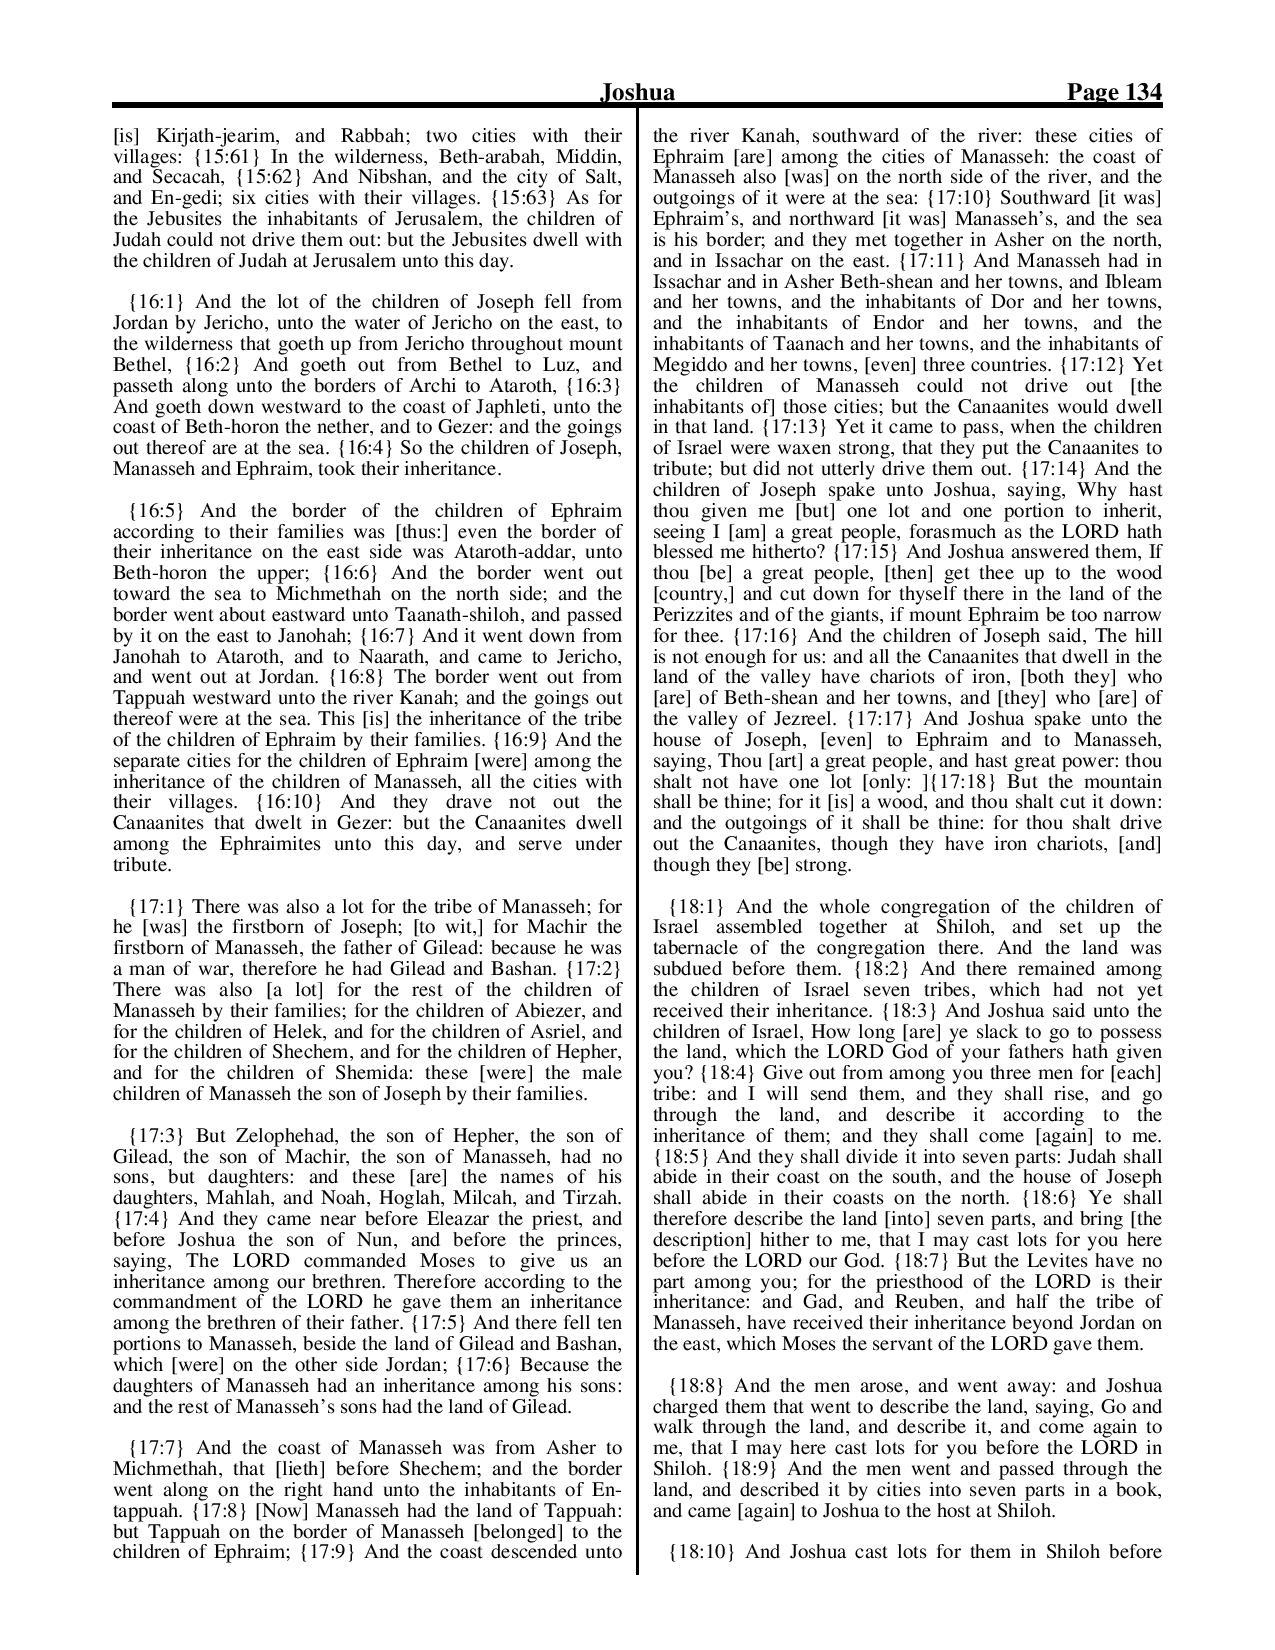 King-James-Bible-KJV-Bible-PDF-page-155